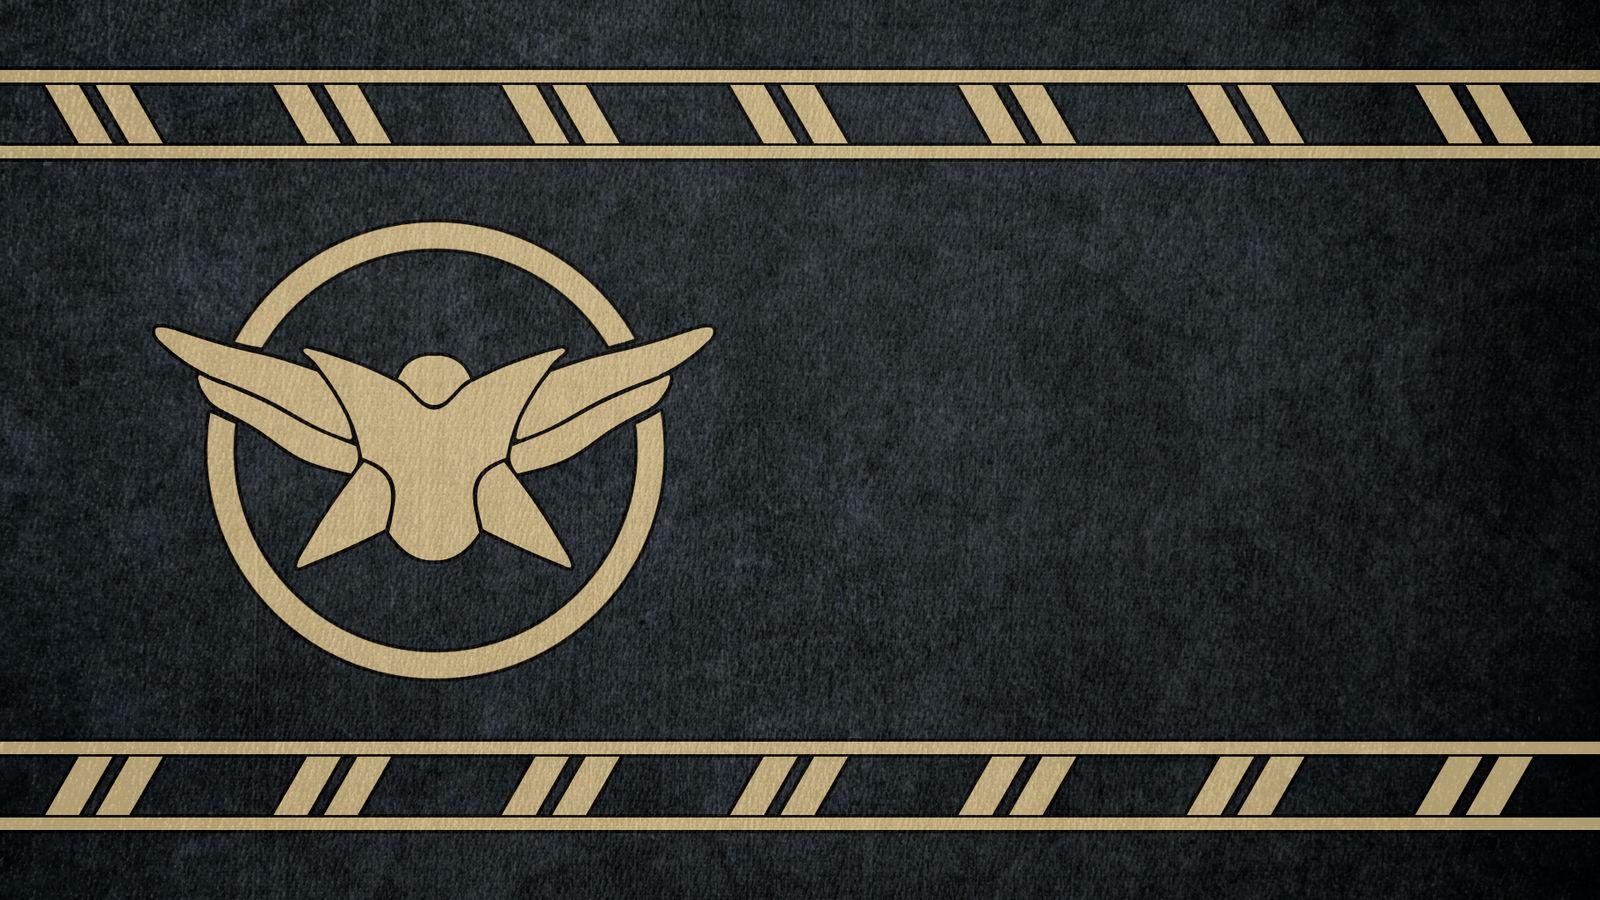 Elder Scrolls: The Third Aldmeri Dominion